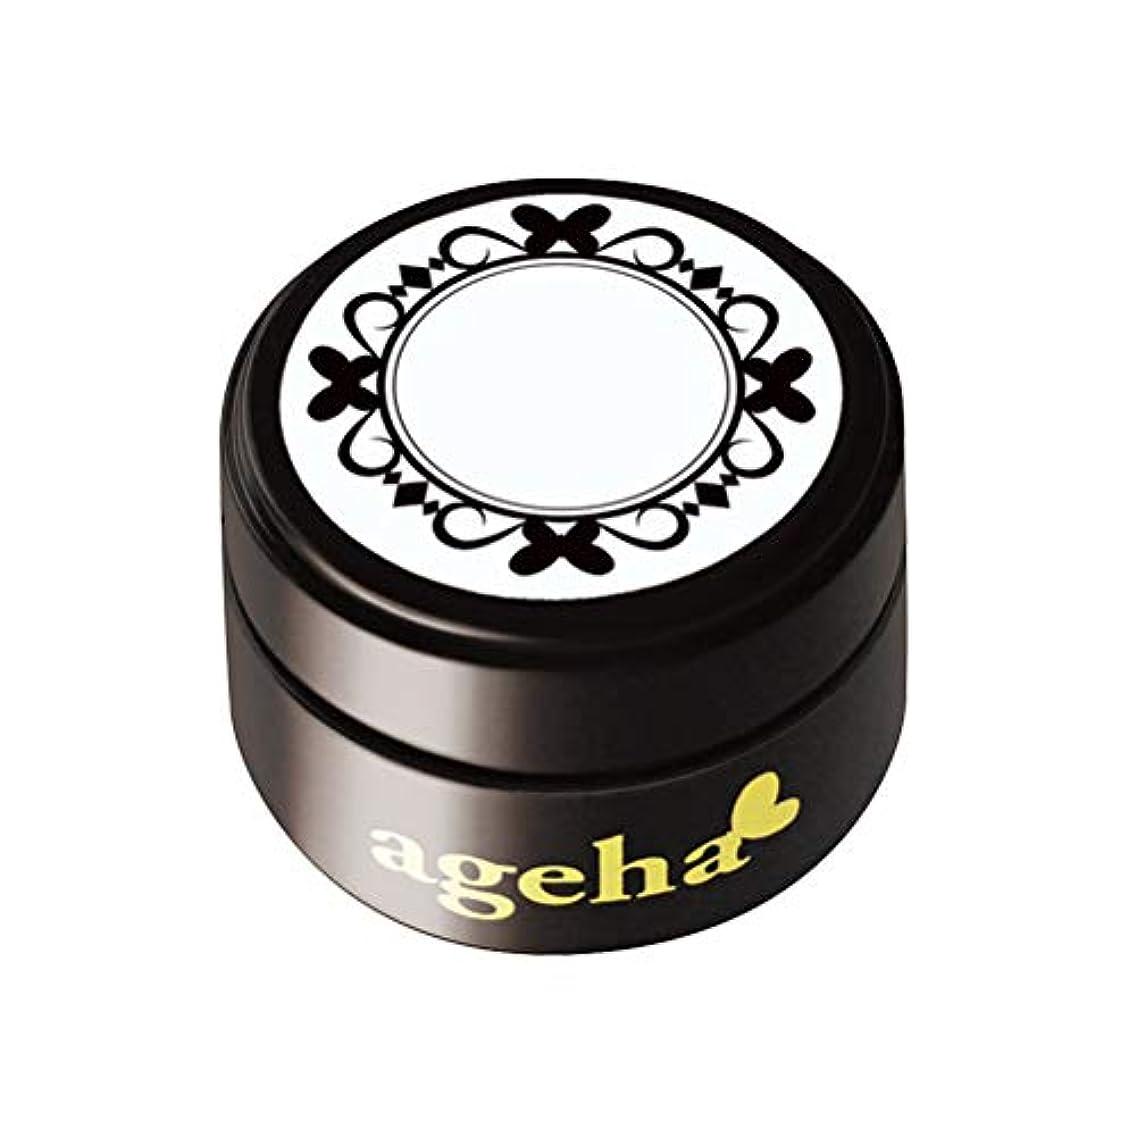 無関心スナップデータageha コスメカラー 417 ラグジュエル ミア グリッター 2.7g UV/LED対応